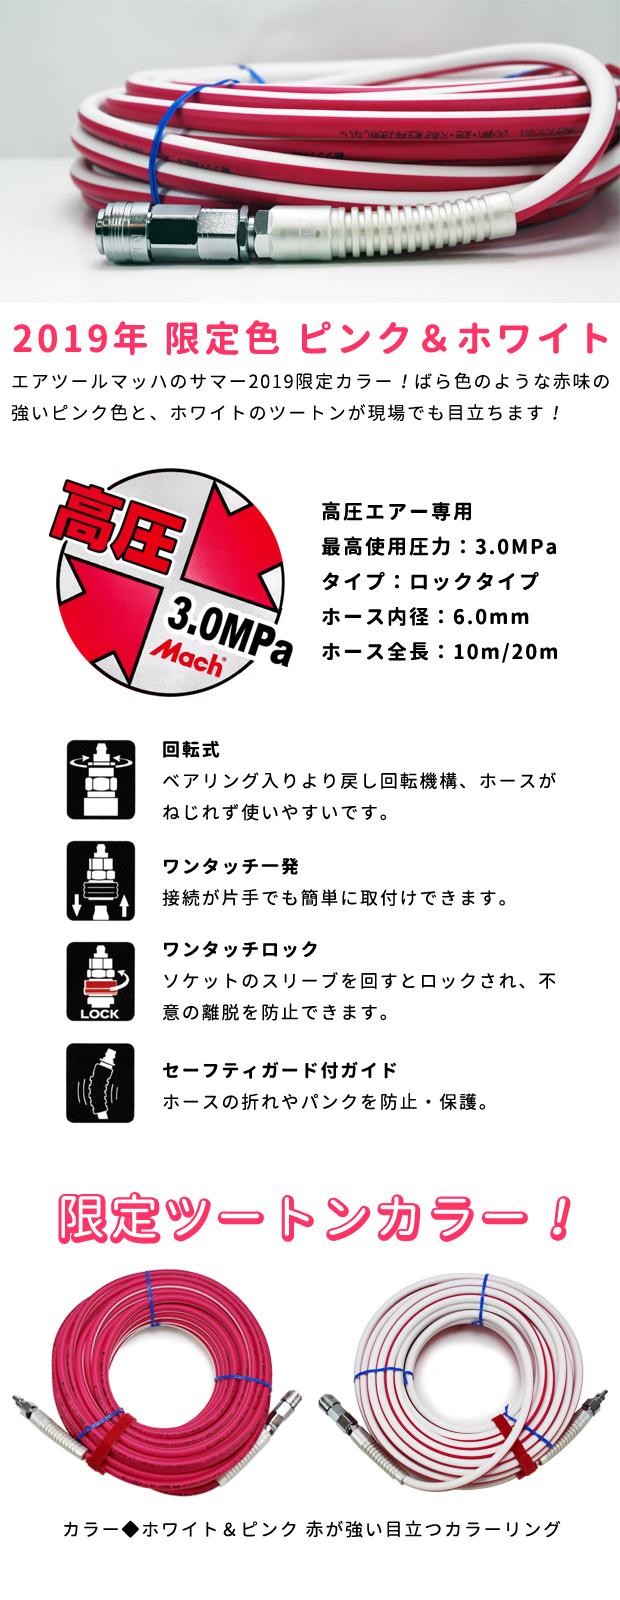 【限定色】マッハ 超ソフト高圧ホース 20m ピンク&ホワイト S19-620